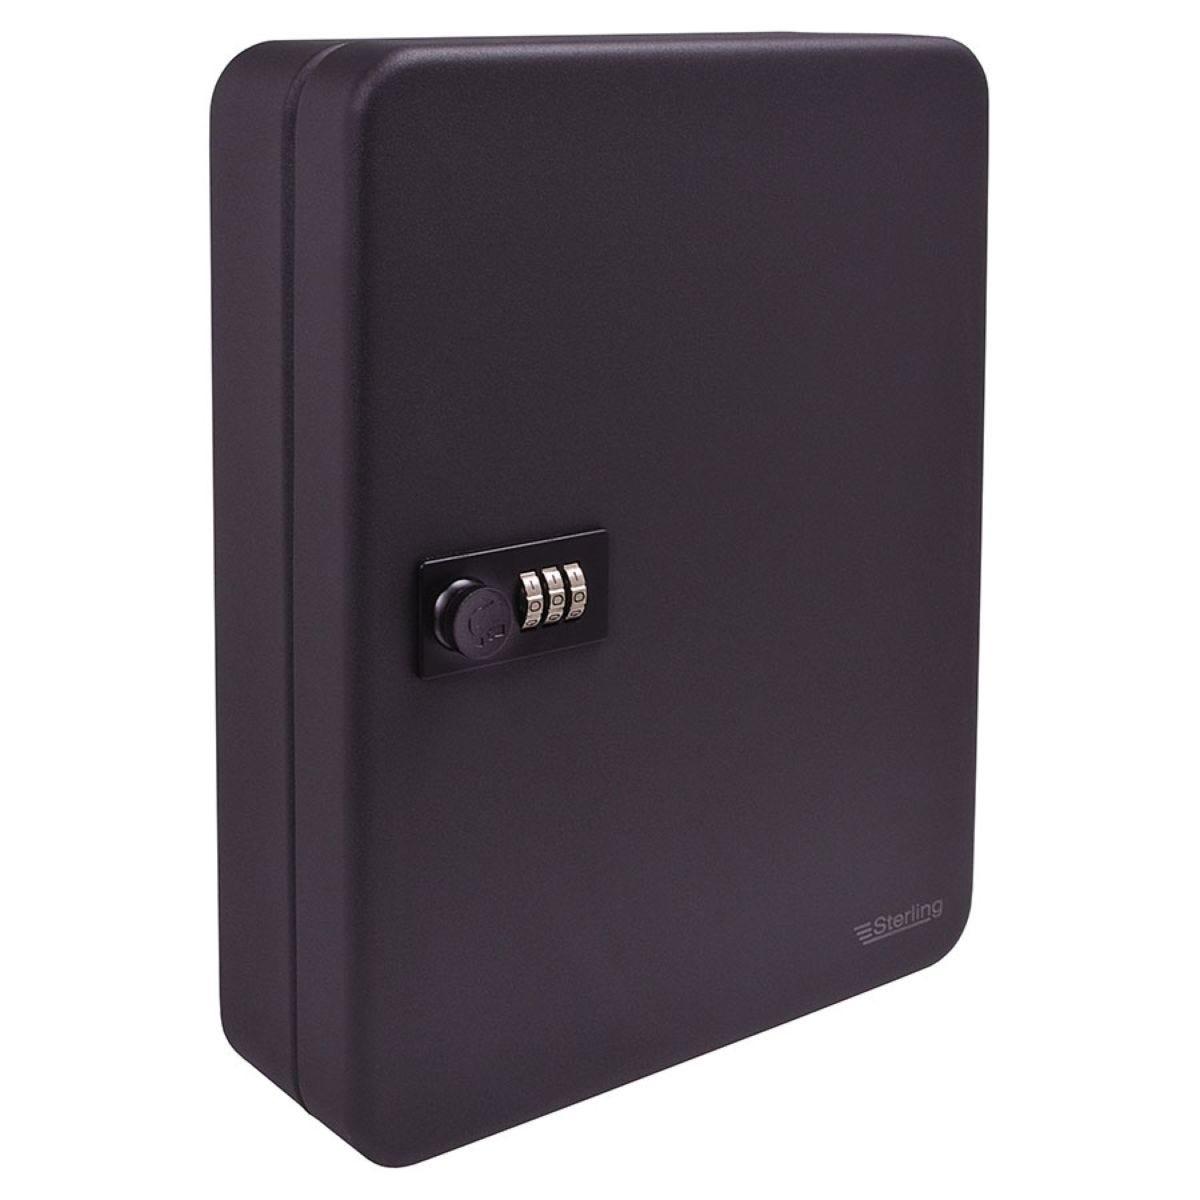 Sterling Combination Lock Key Cabinet - 36 keys